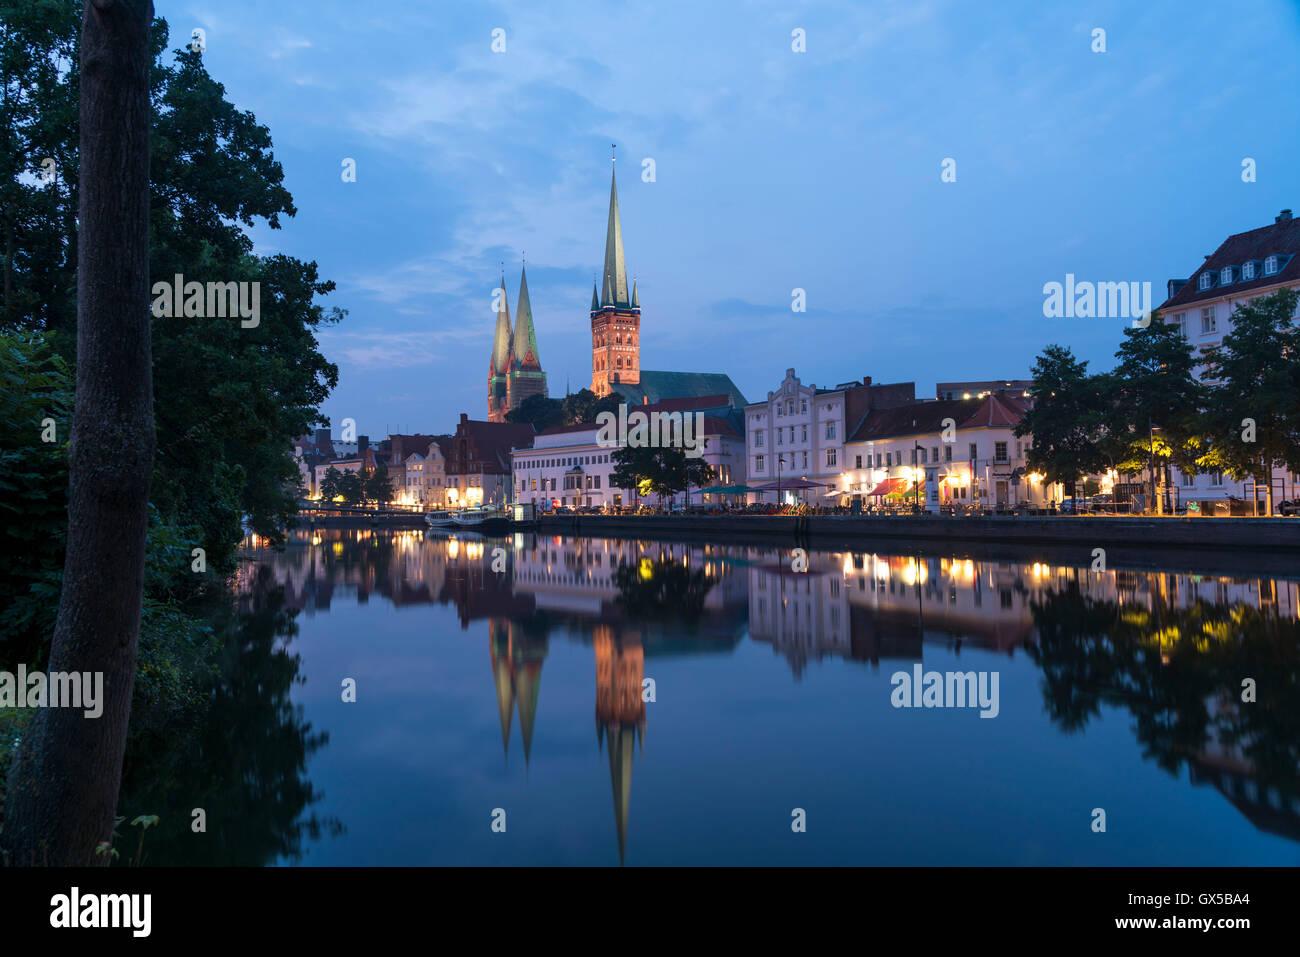 Altstadt und Trave in der Abenddaemmerung, Luebeck, Schleswig-Holstein, Deutschland  |  old town and river Trave - Stock Image